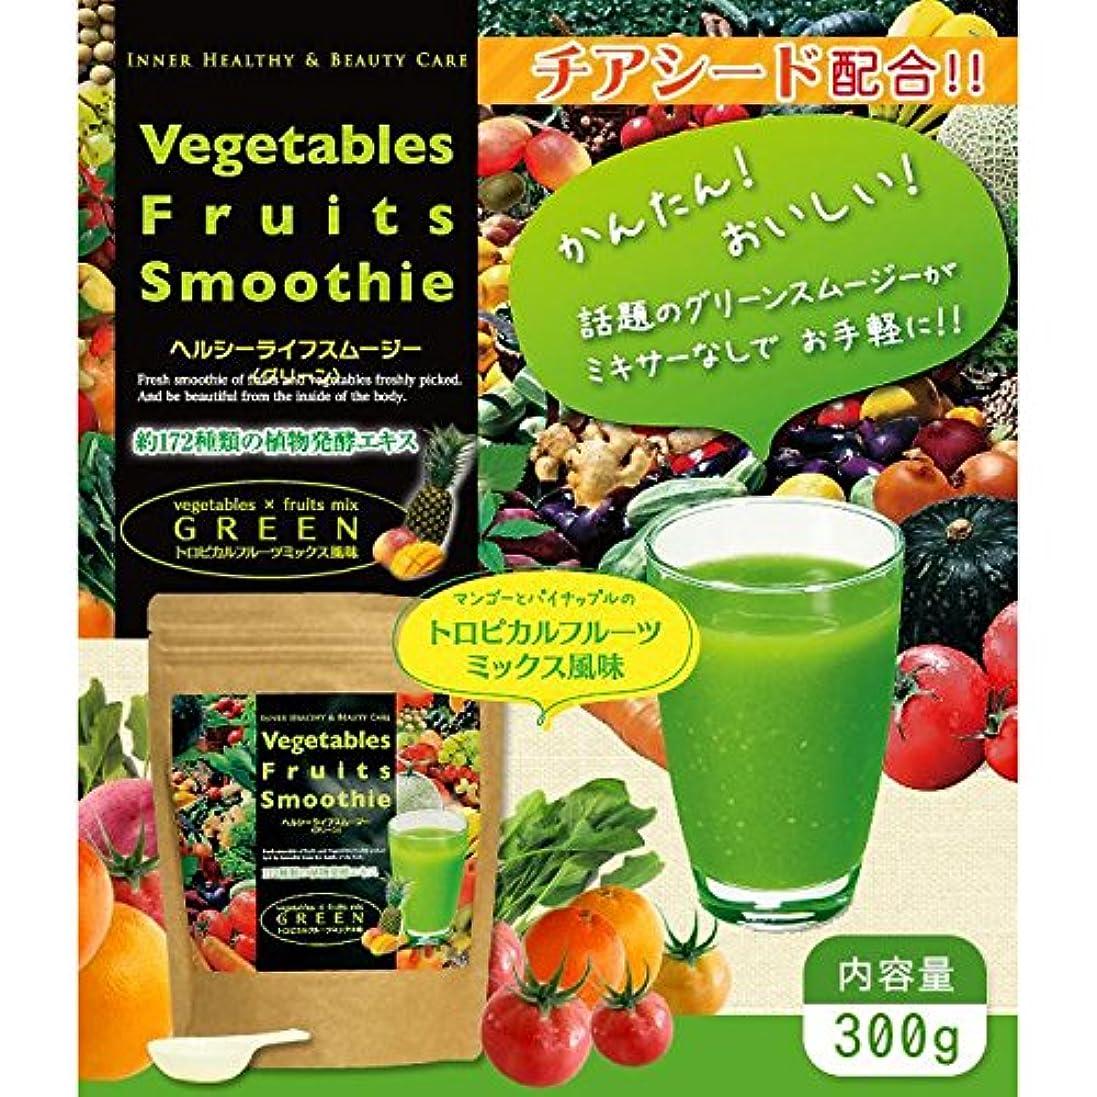 大洪水ヘリコプターゴミ箱を空にするVegetables Fruits Smoothie ヘルシーライフスムージー(グリーン)トロピカルフルーツミックス味 300g 日本製